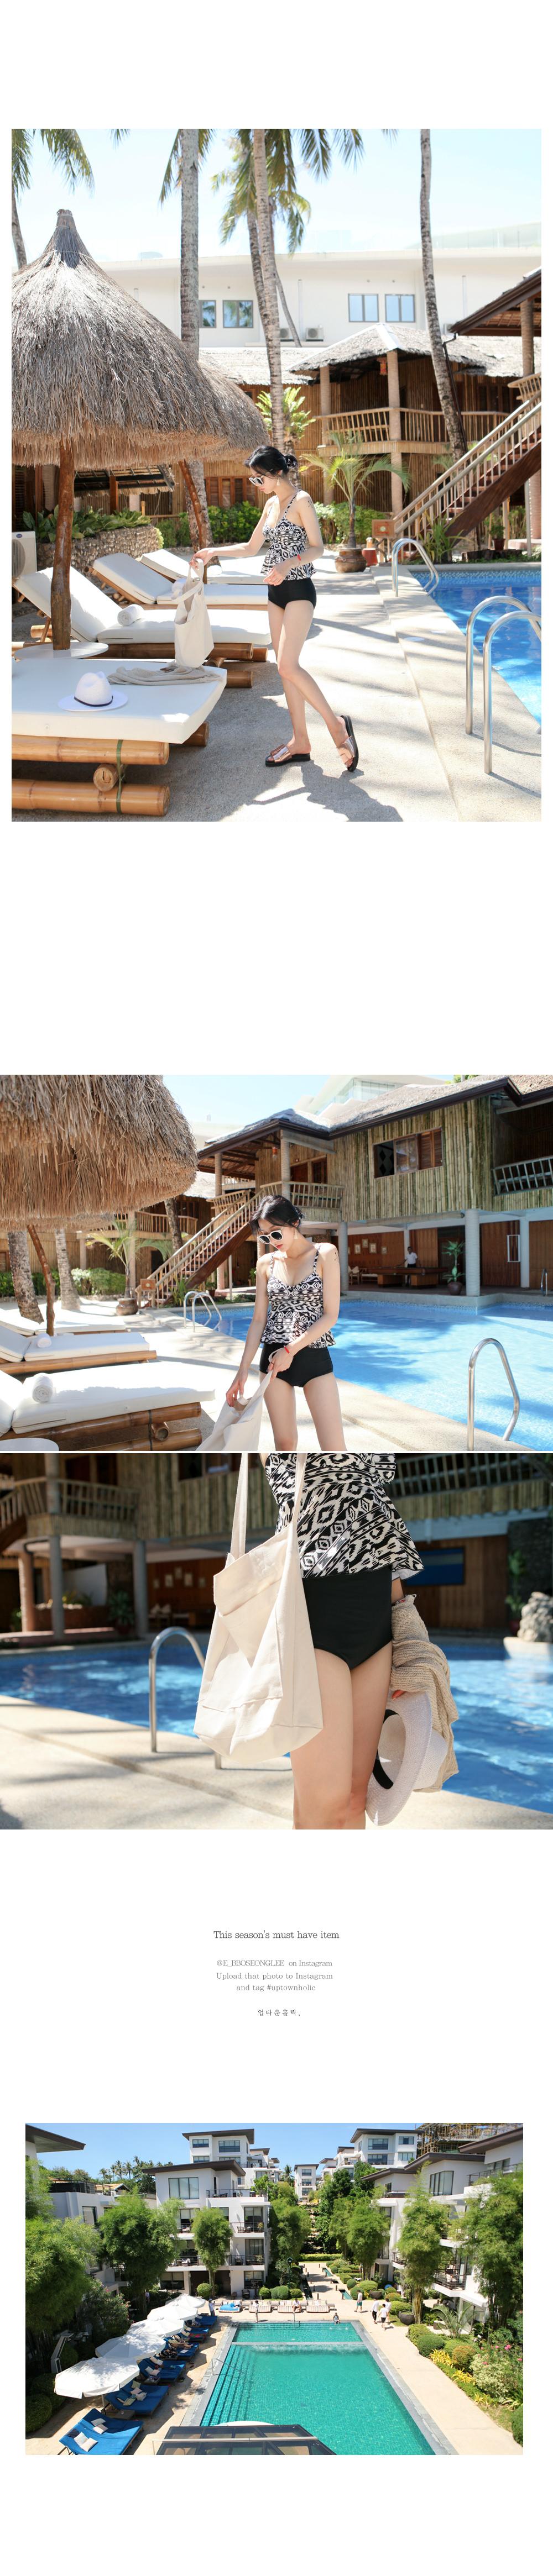 Coconut bikini